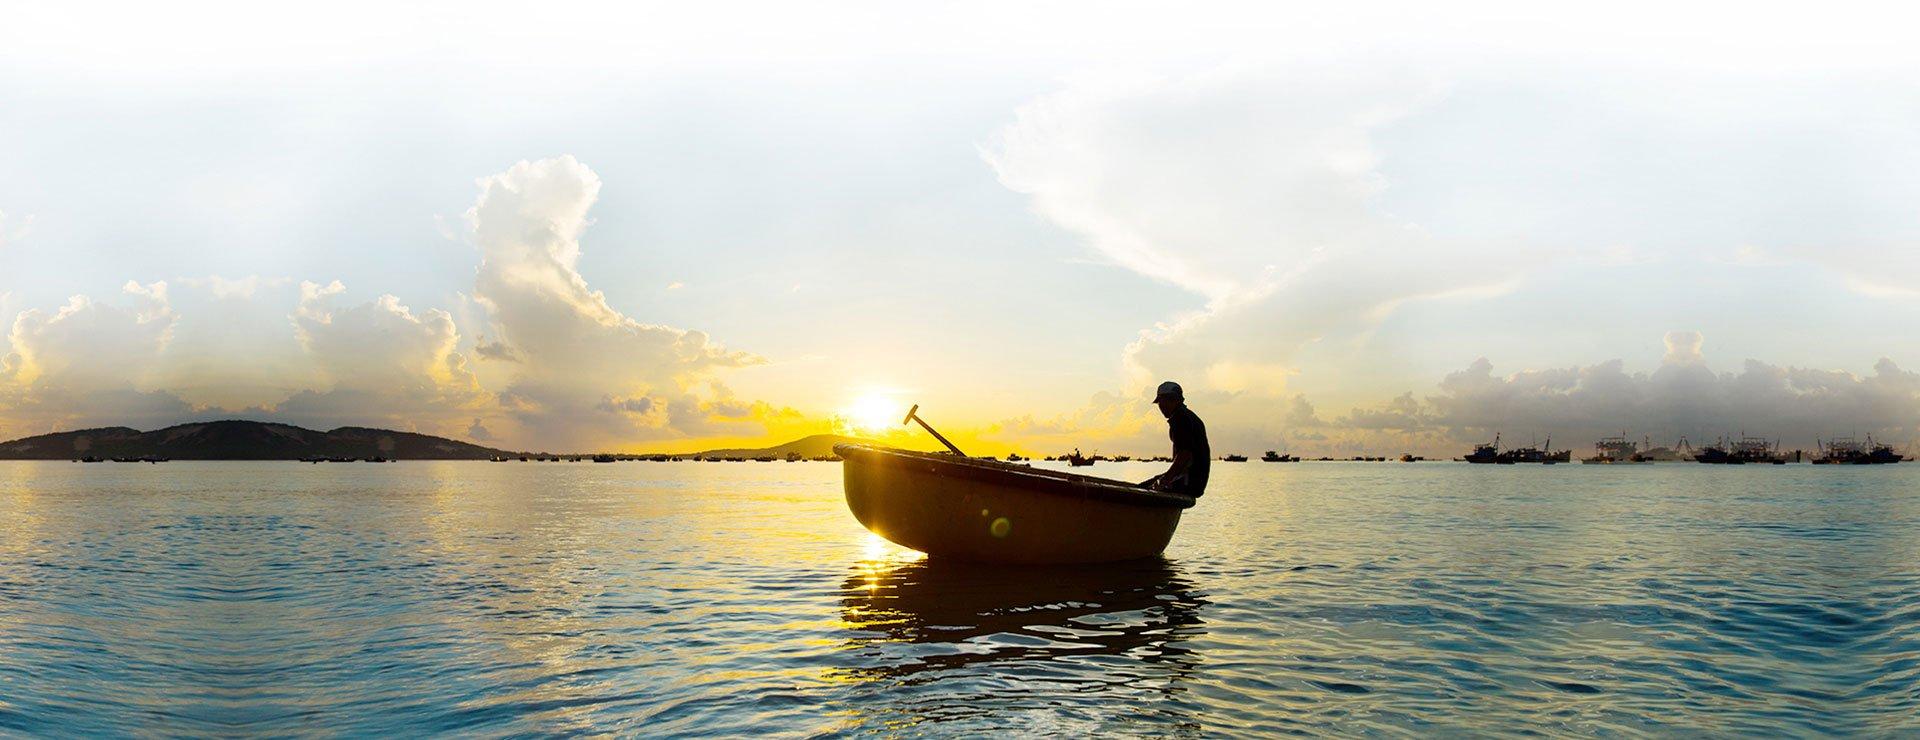 Fisherman at Mui Ne beach, Vietnam